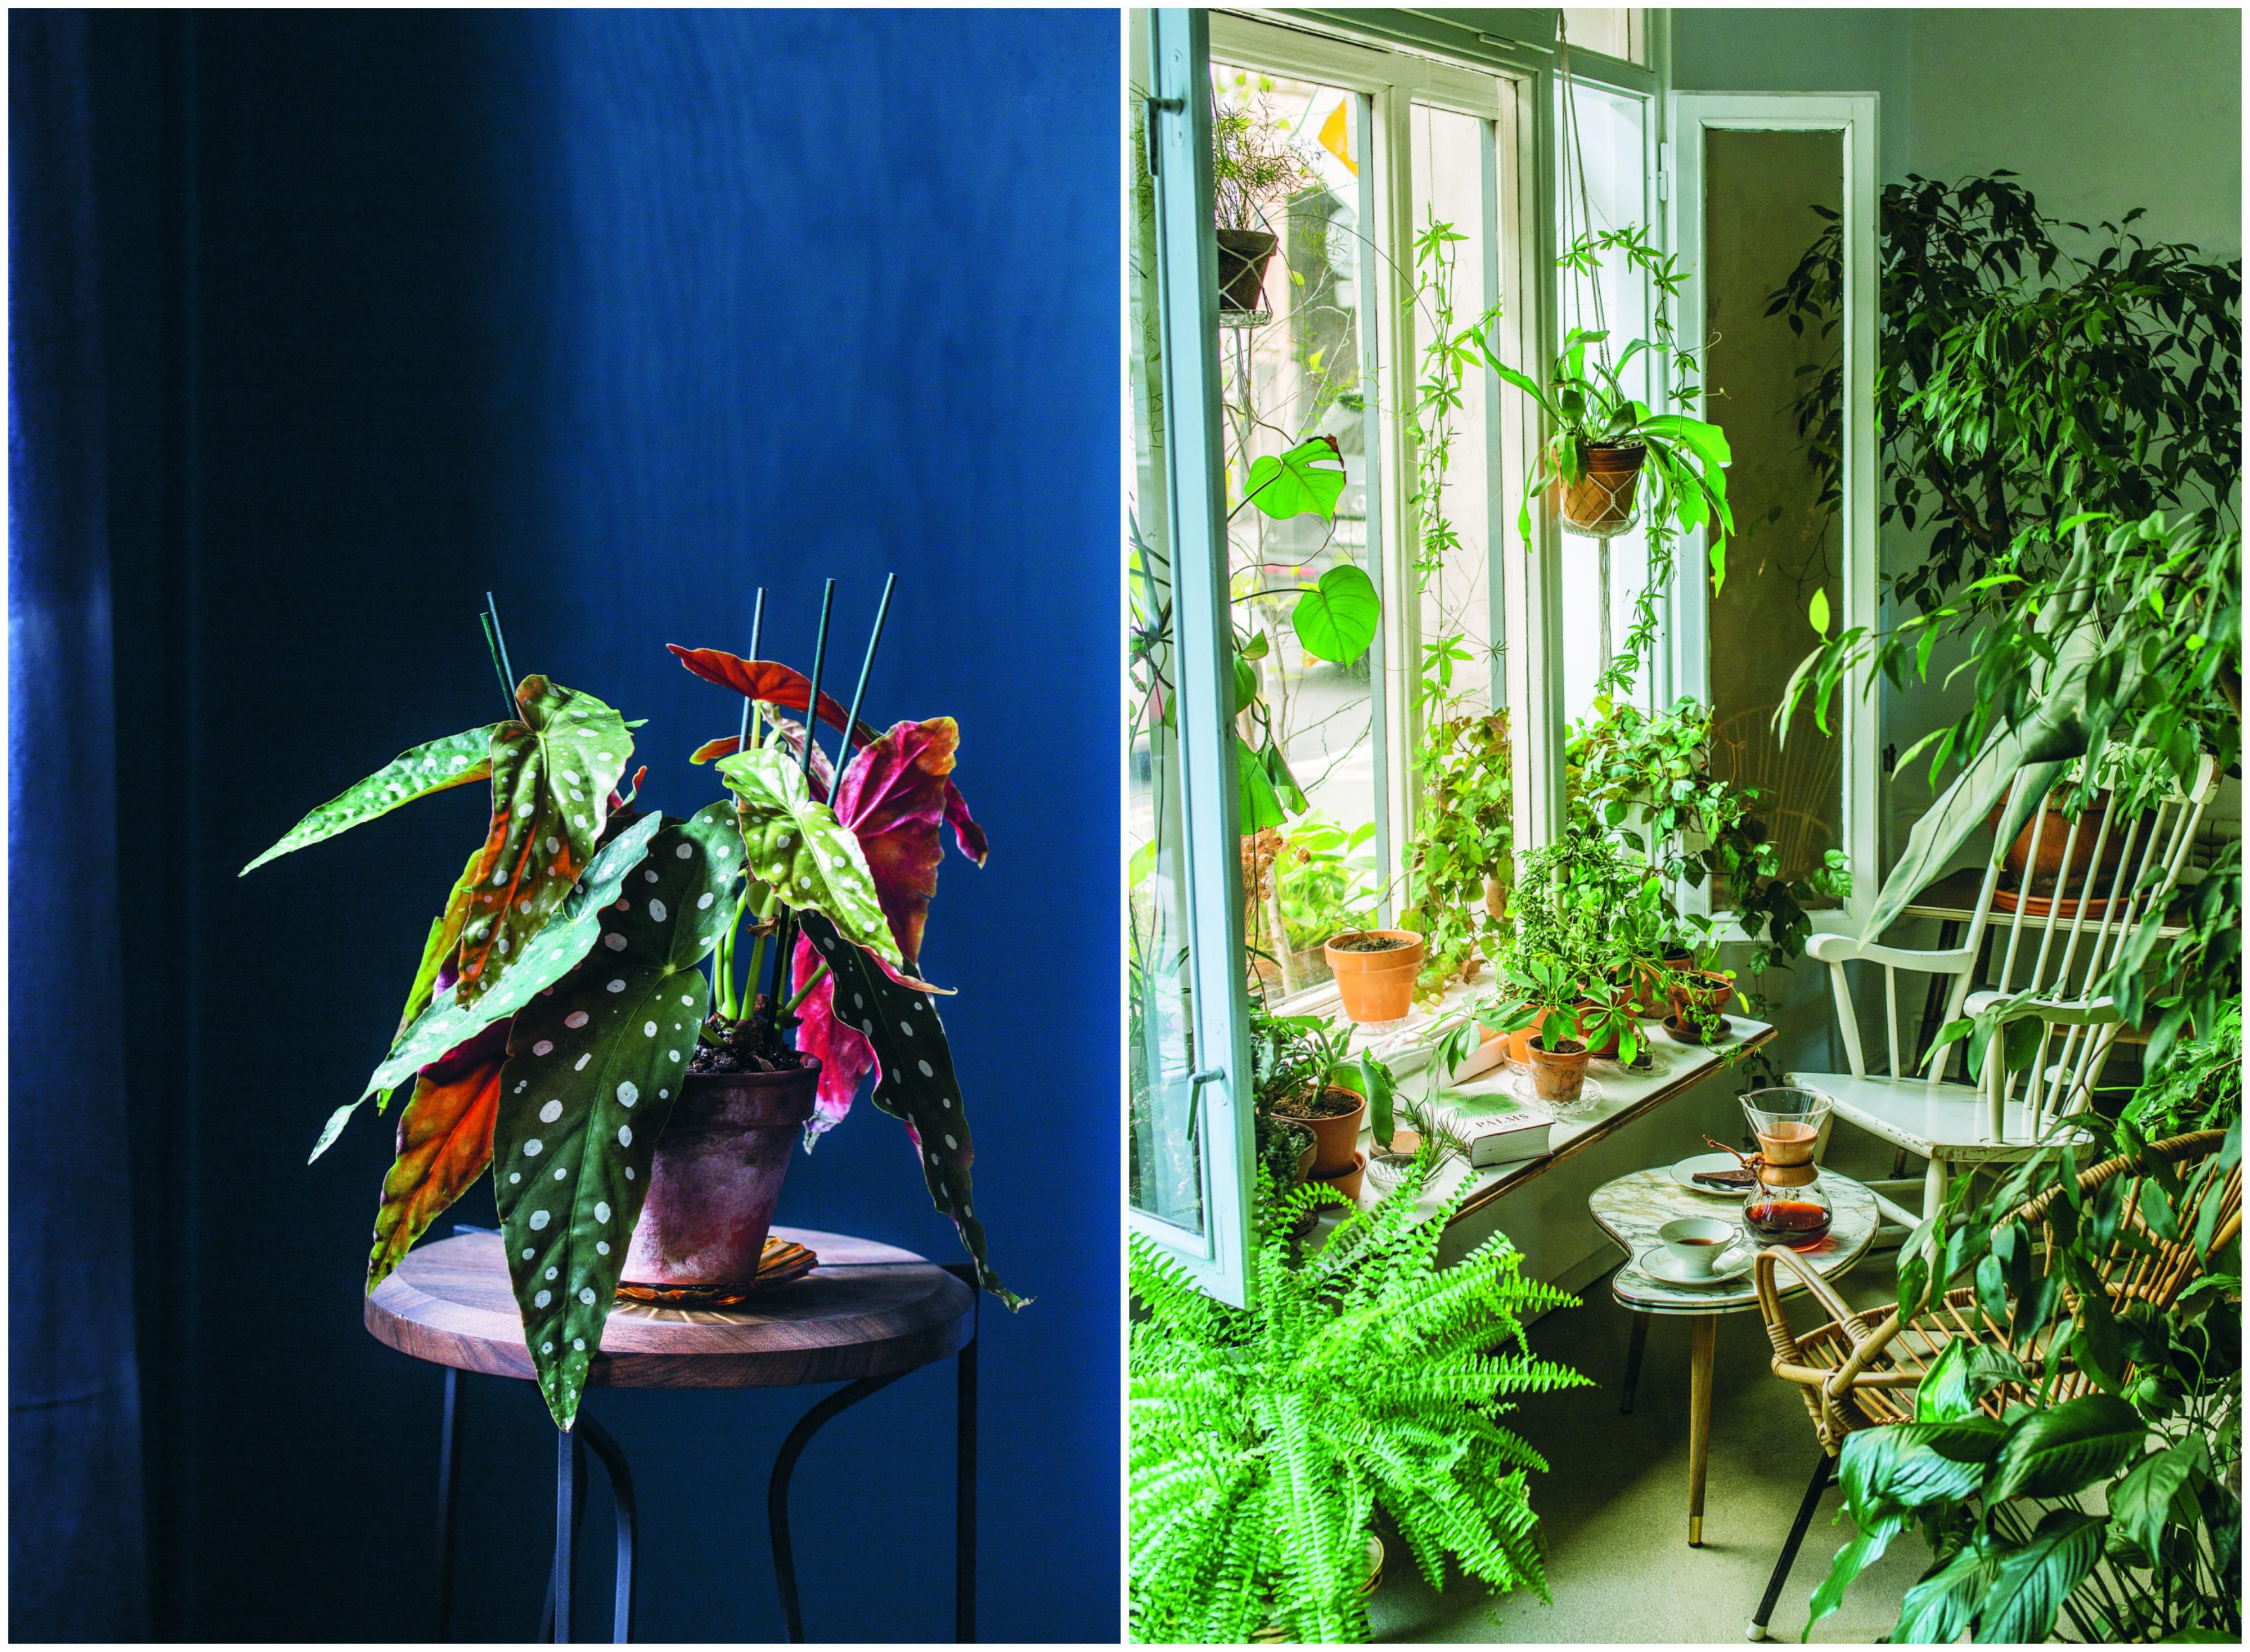 Zdjęcia z książki 'O roślinach. Domowa uprawa' (fot. materiały prasowe)